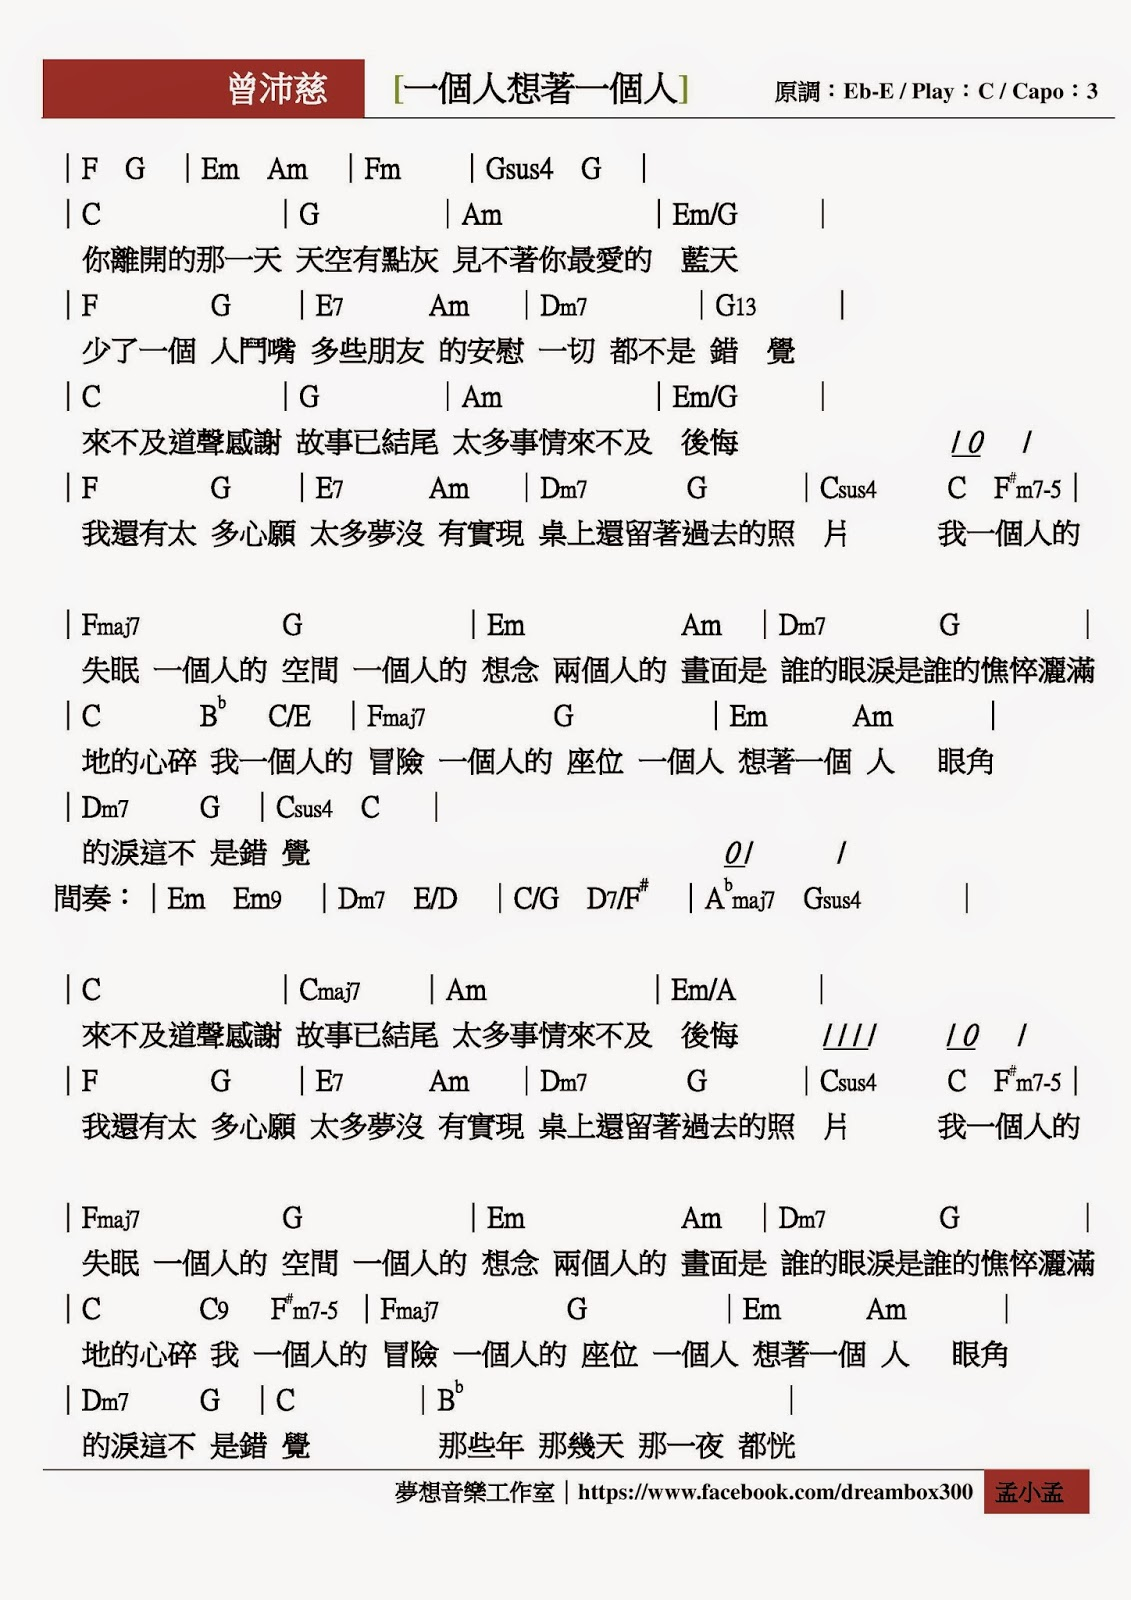 小孟的音樂教室: 曾沛慈-一個人想著一個人 /簡譜/吉他譜/烏克麗麗譜